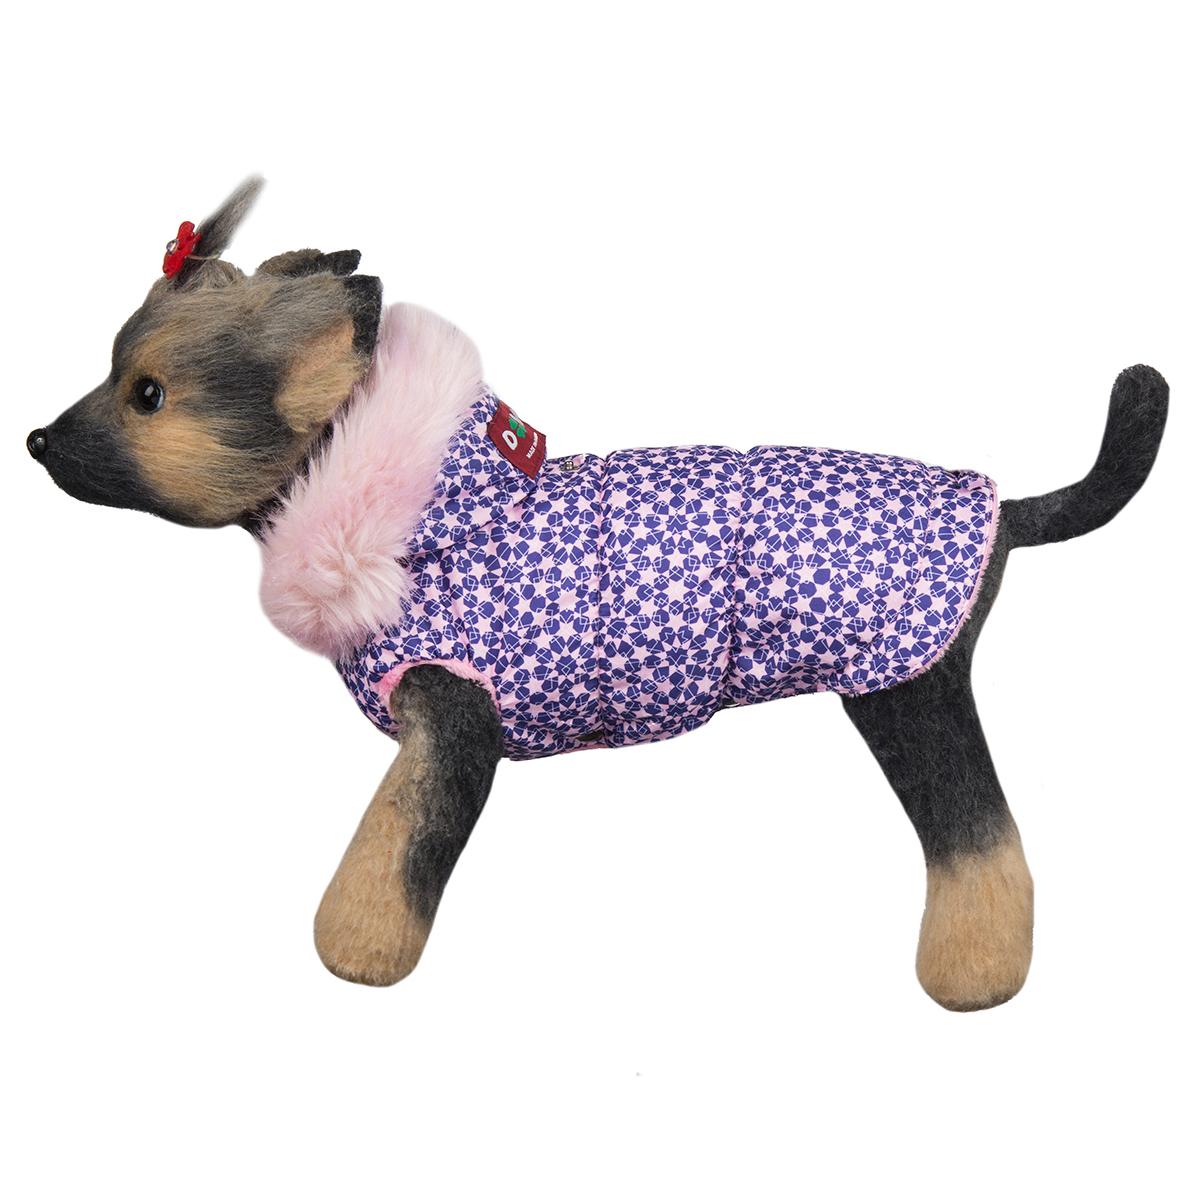 Куртка для собак Dogmoda Аляска, для девочки. Размер 2 (M)DM-160290-2Куртка для собак Dogmoda Аляска изготовлена из полиэстера водоотталкивающего типа. Для подкладки был использован синтепон и искусственный мех. Изделие легко одевается и снимается, не доставляя неприятных минут хозяину и его питомцу. Технология пошива аляски не стесняет движений и позволяет весело бегать наперегонки с четвероногими друзьями. Непрерывный теплообмен обеспечивает сохранение свежести кожного покрова, который у маленьких собачек особенно чувствителен и уязвим. Светлые, мягкие и яркие тона аляски будут гармонировать с веселостью и подвижностью домашнего любимца на прогулке. Одежда надежно защитит собачку от пронизывающей зимней стужи и позволит от души наслаждаться свежим снегом и длительным пребыванием на прогулке в морозный день.